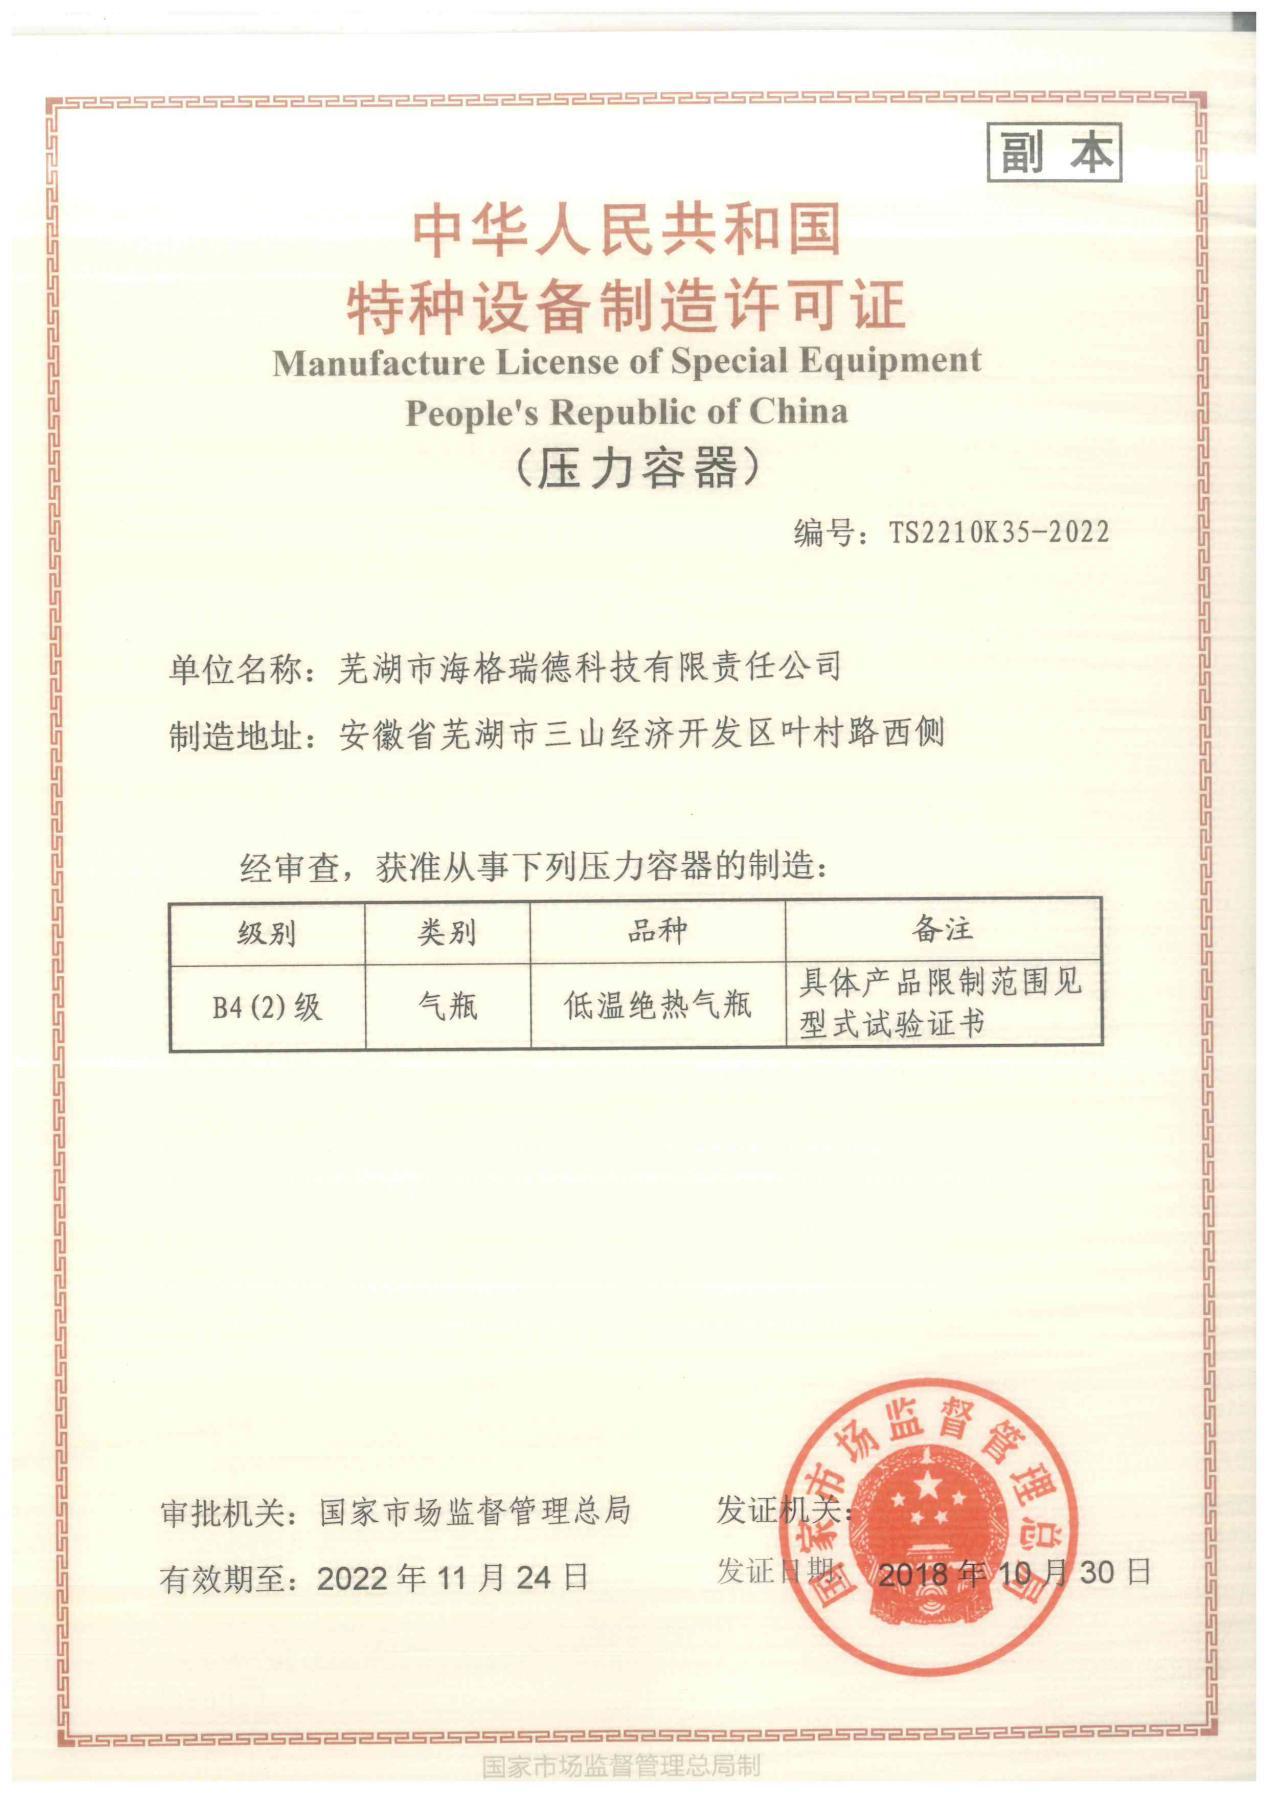 title='特种设备制造许可证'